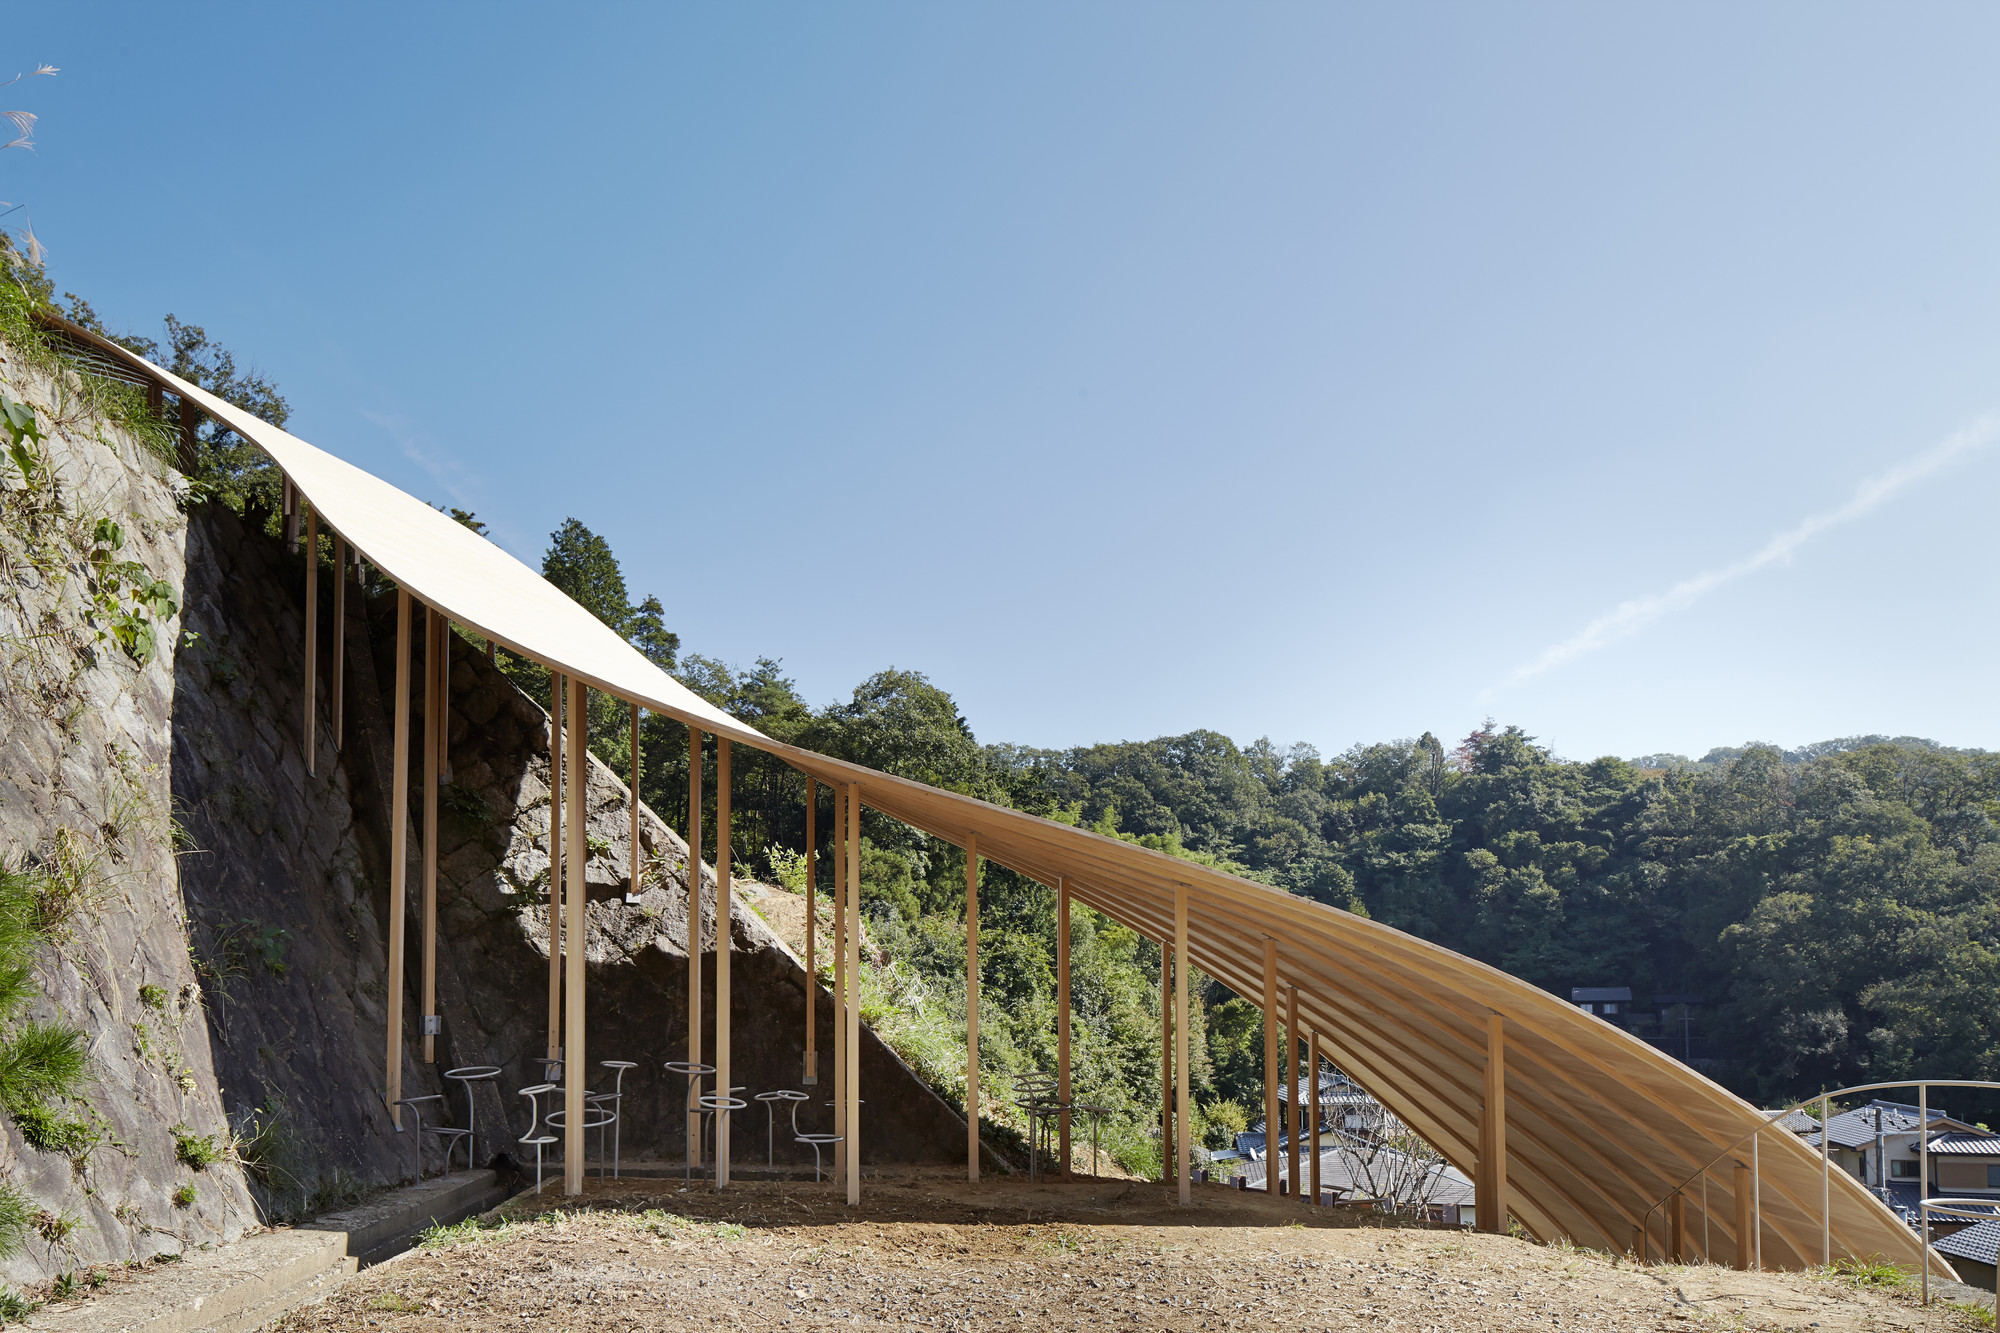 Roof & Mushrooms Pavilion / Ryue Nishizawa + Nendo, © Daici Ano